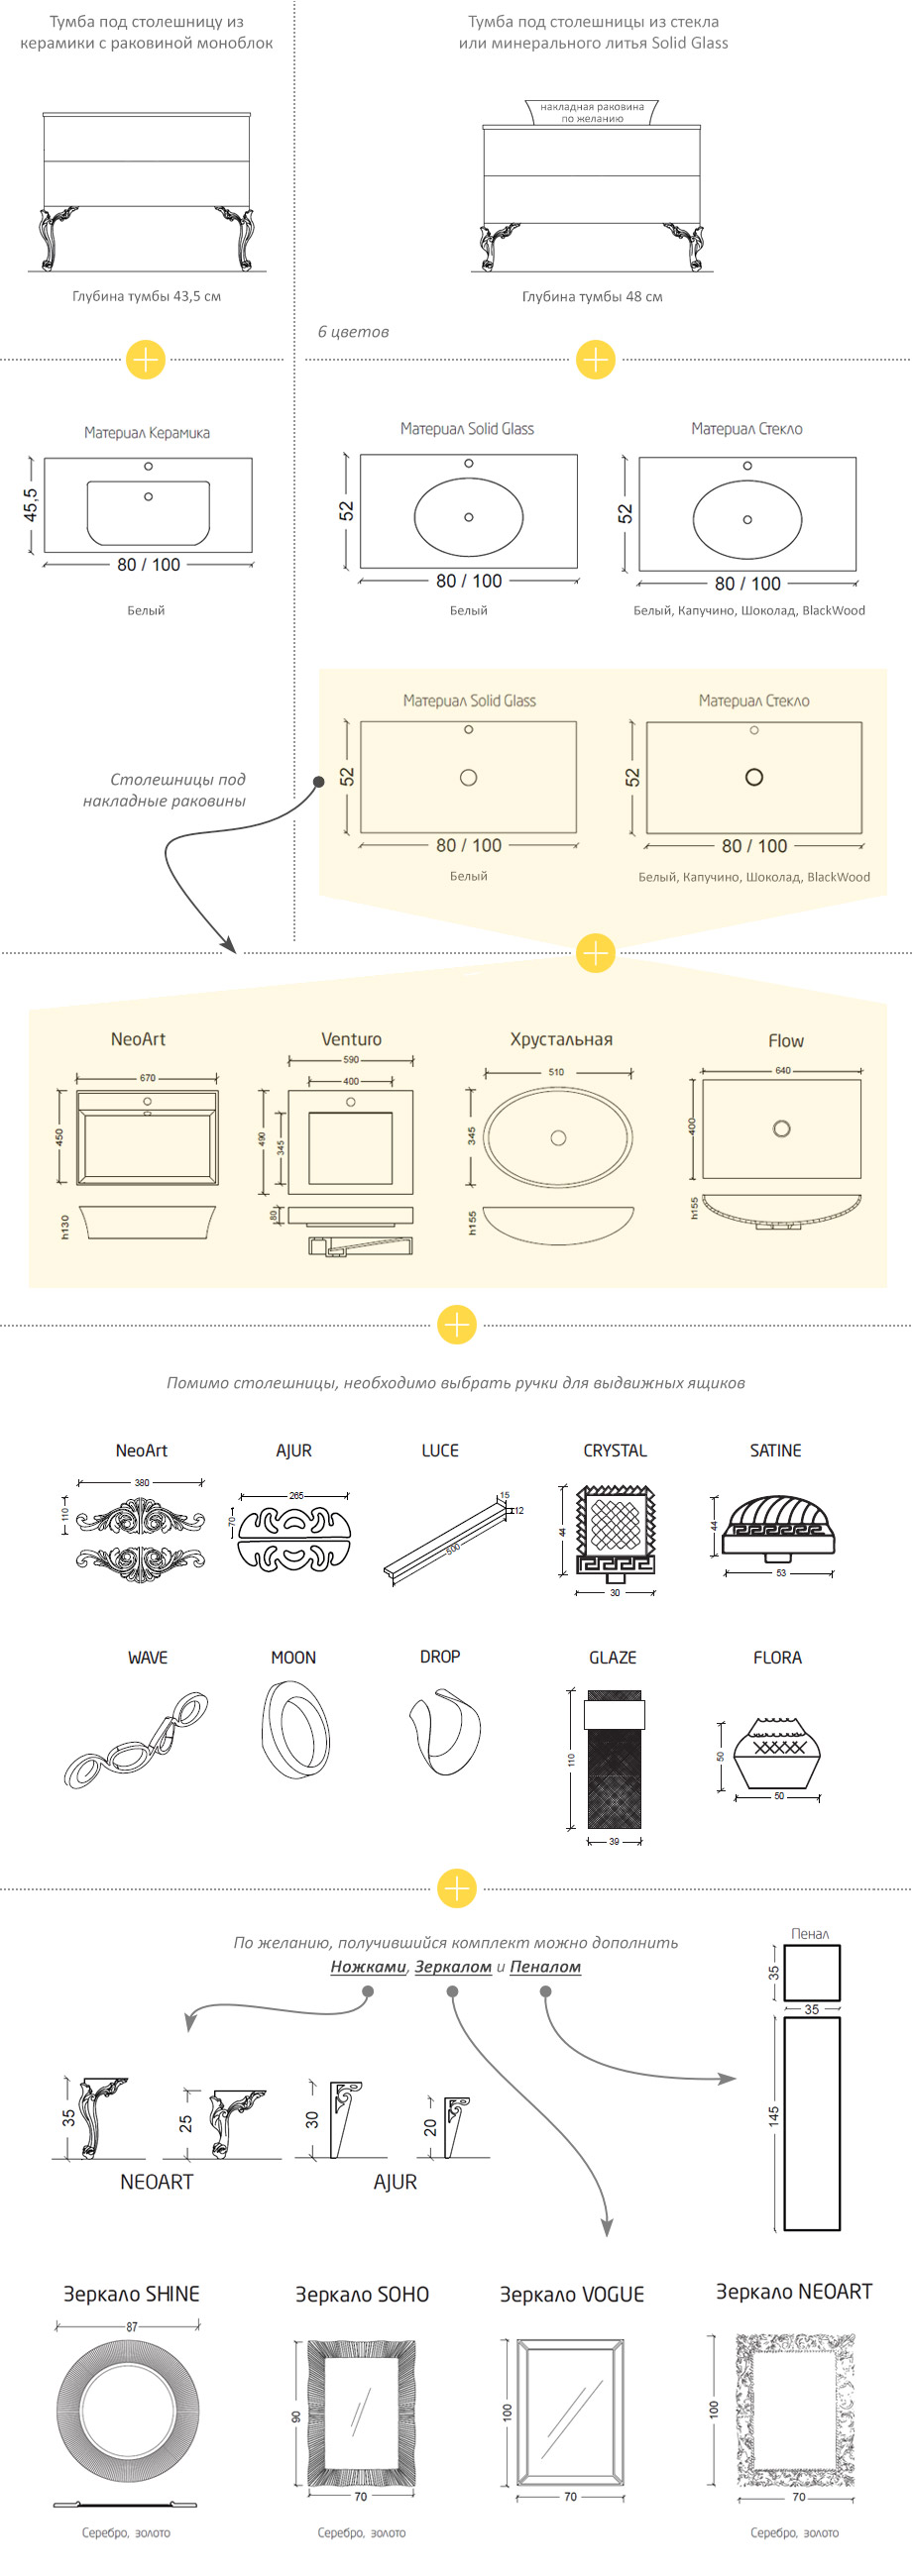 Наглядная схема с информацией о конфигураторе мебели для ванной Armadi Art NEOART на 80 и 100 см